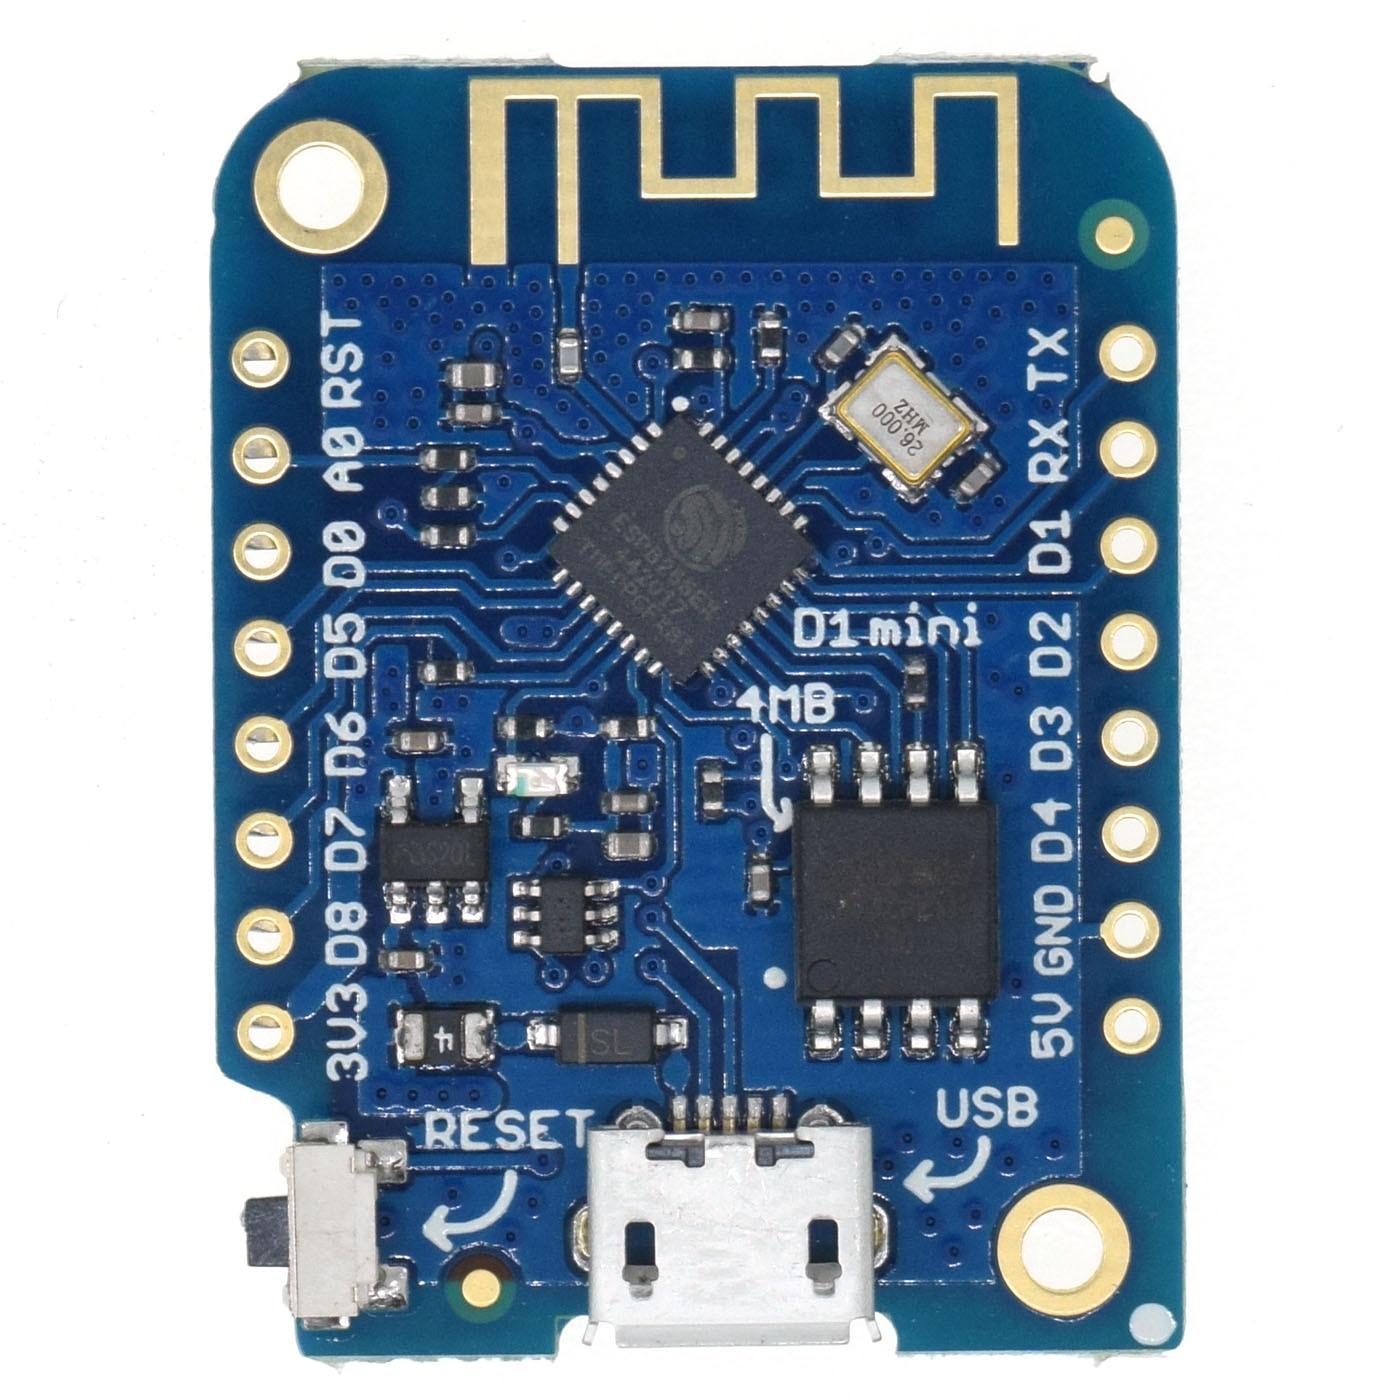 Lolin d1 mini v3.1.0-wemos wifi internet das coisas placa de desenvolvimento baseado esp8266 4 mb micropython nodemcu arduino compatível